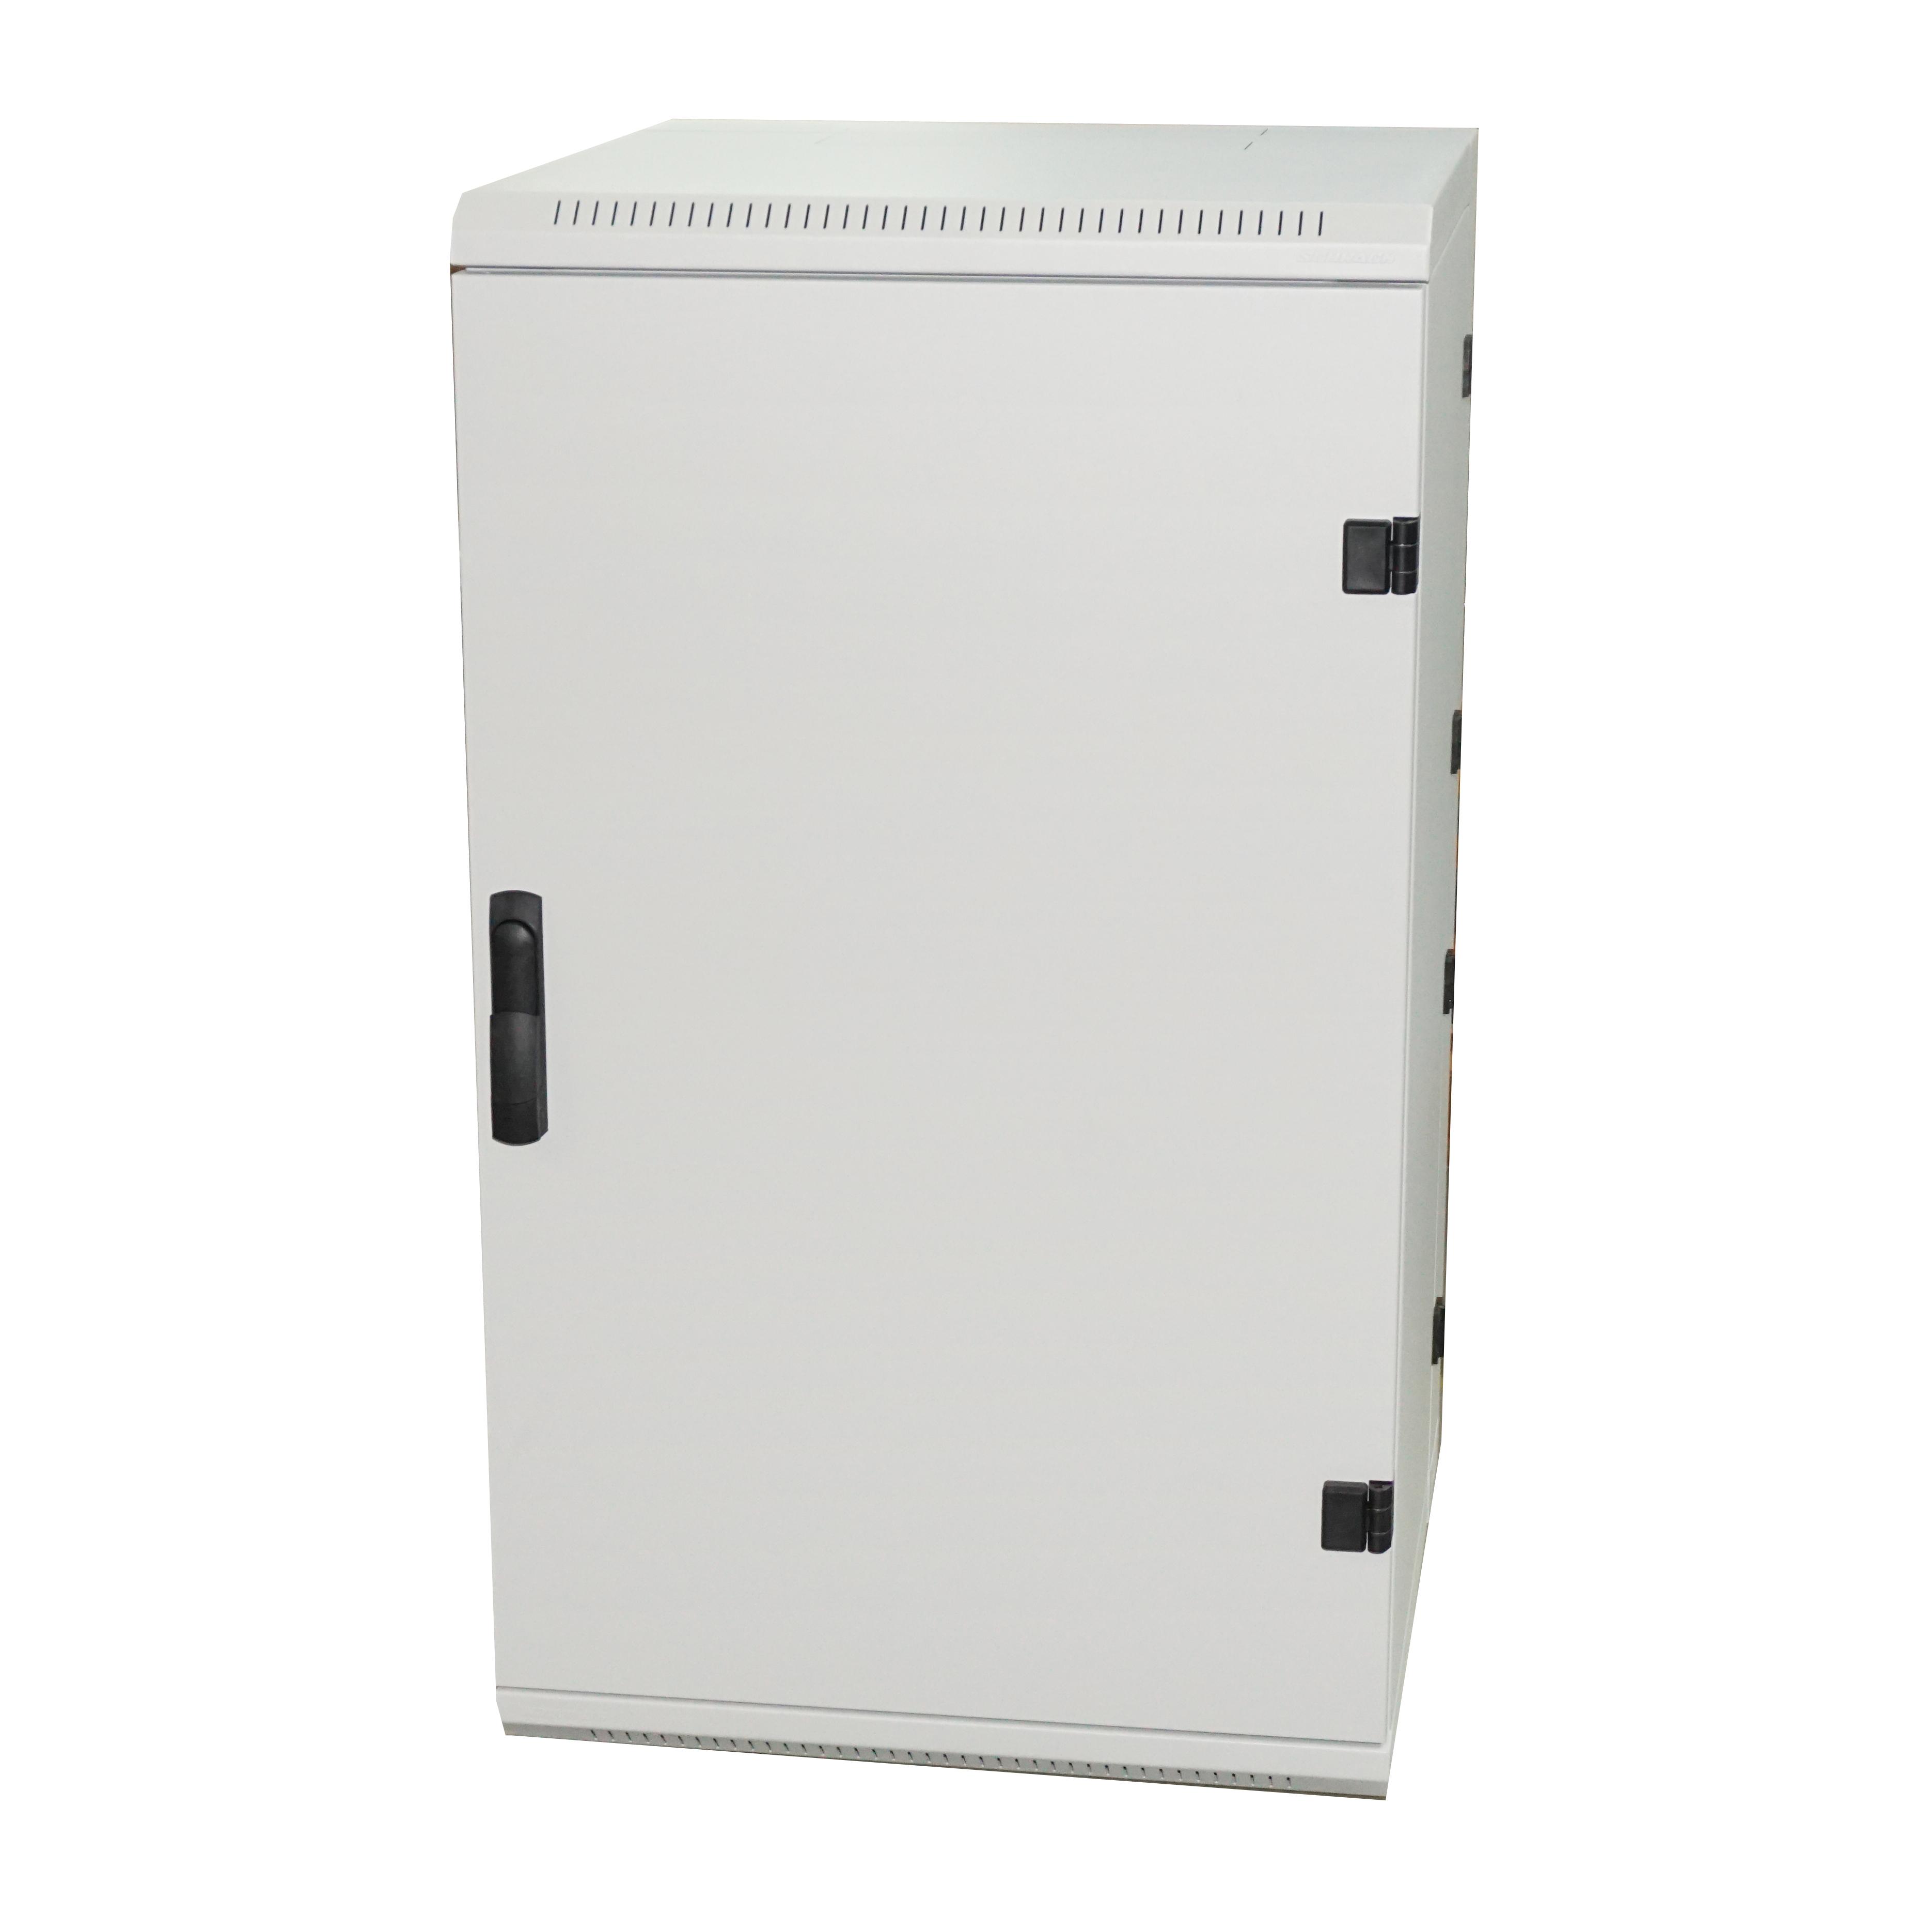 1 Stk DW Dualblock 15HE, T=600mm, Vollmetalltüre HDSSON0033